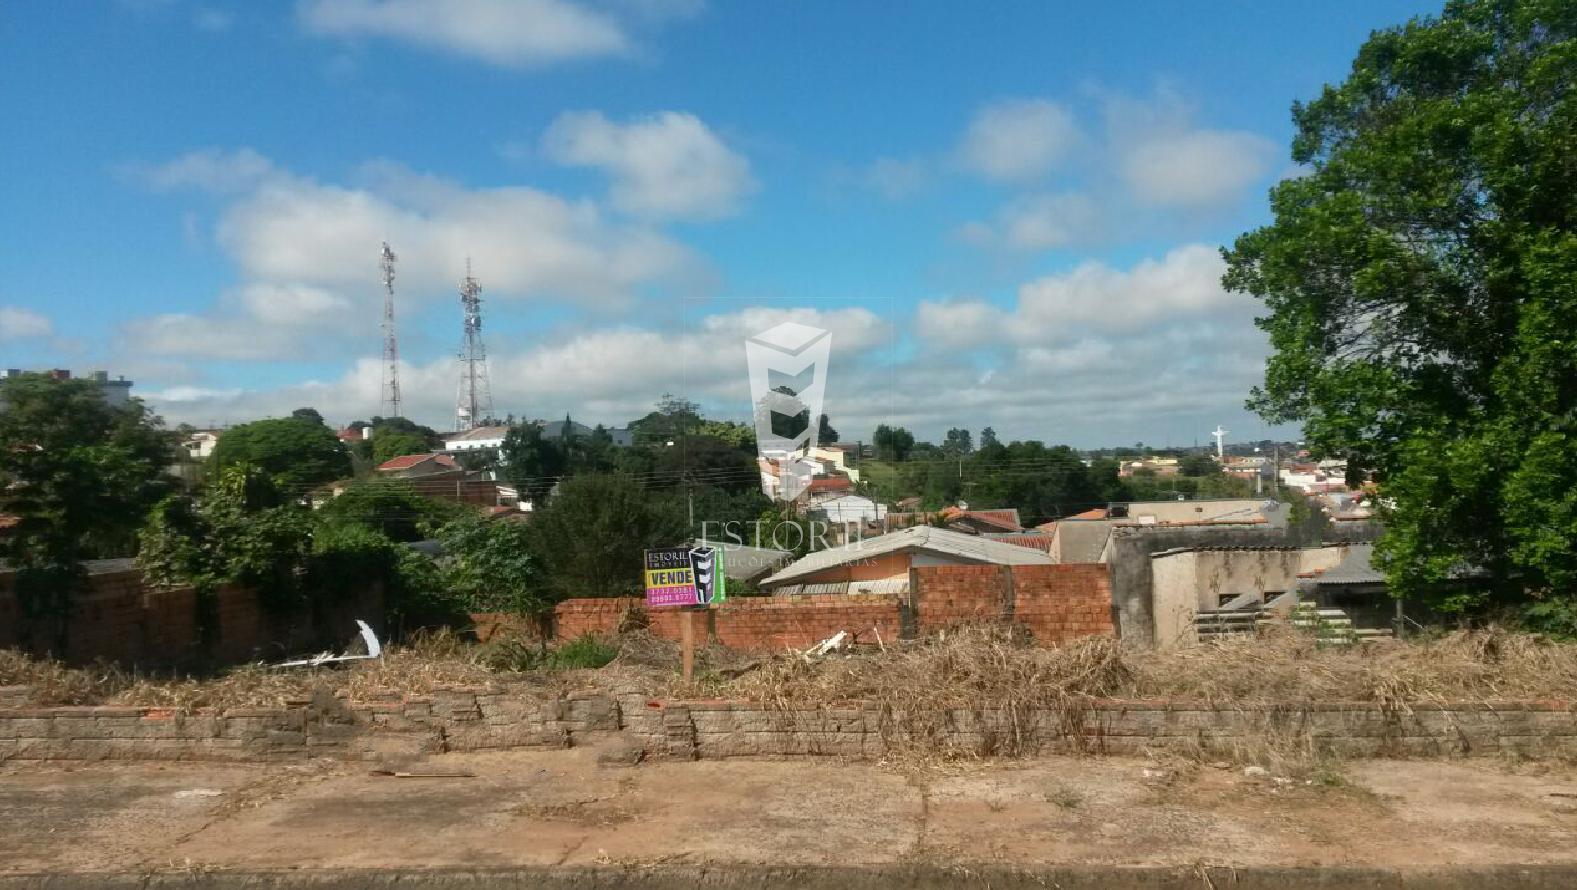 Terreno à venda, Altos da Boa Vista, AVARE - SP